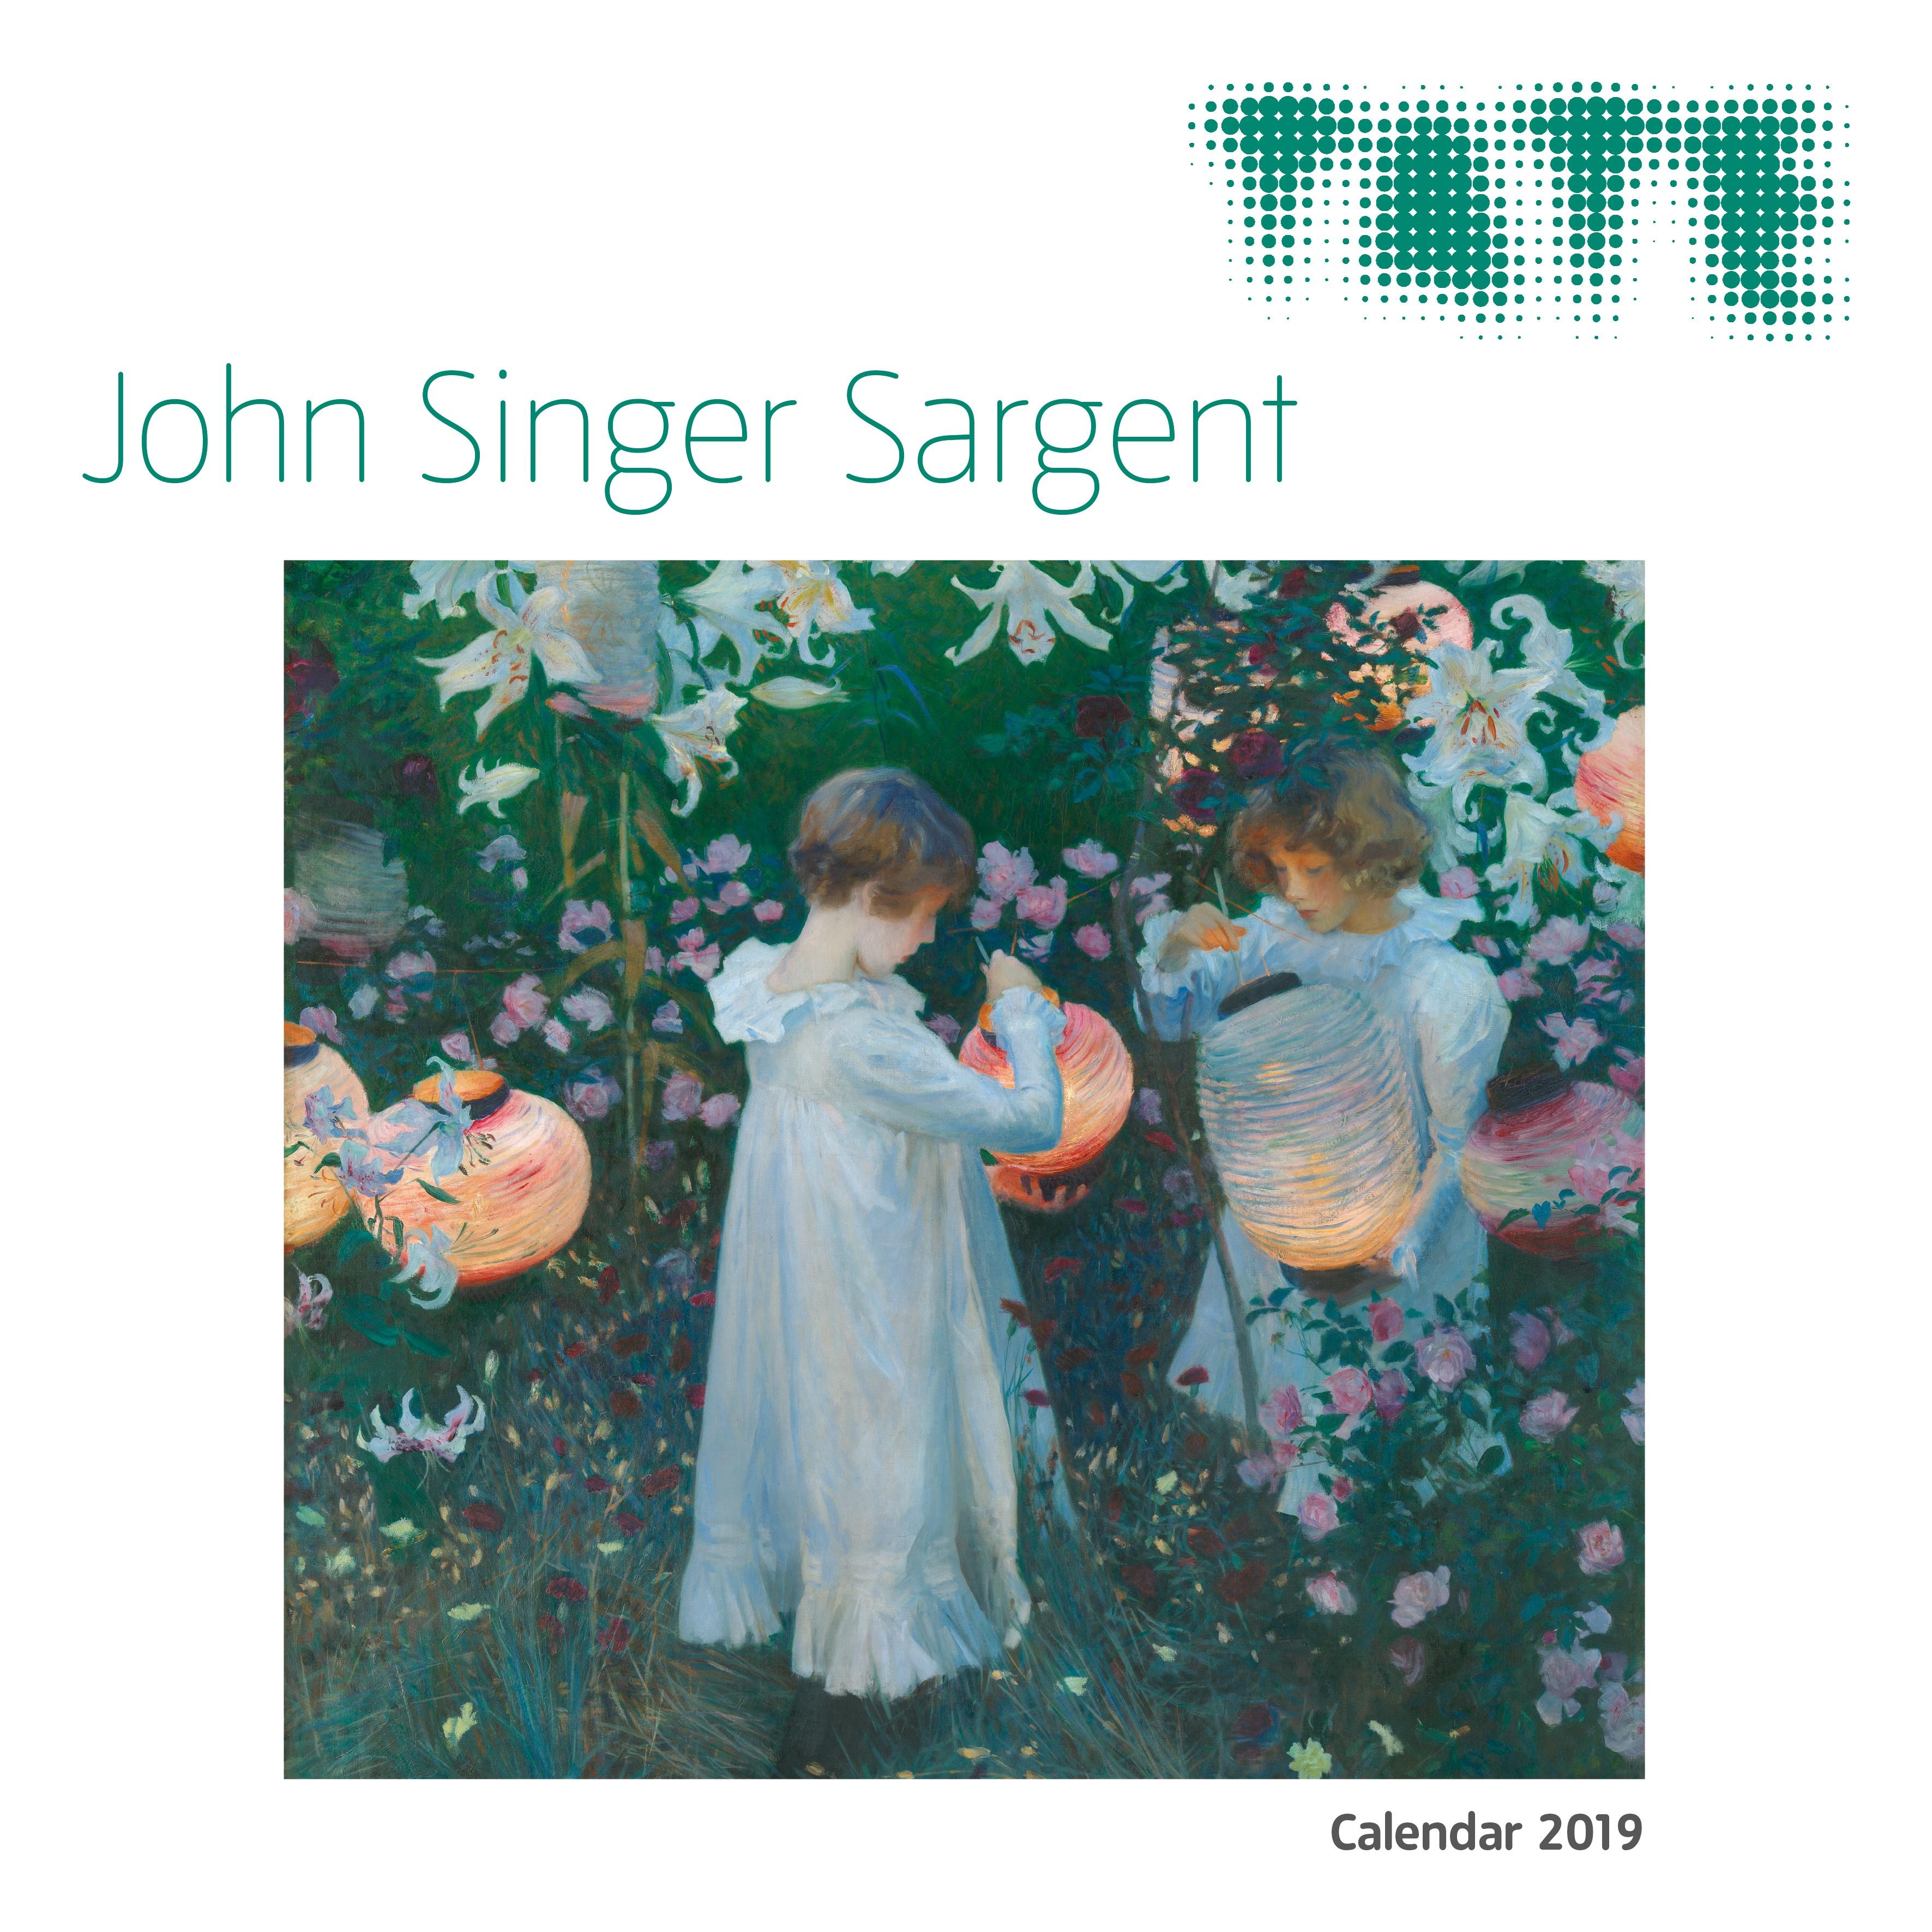 FT2019-02-Tate-John Singer Sargent-front